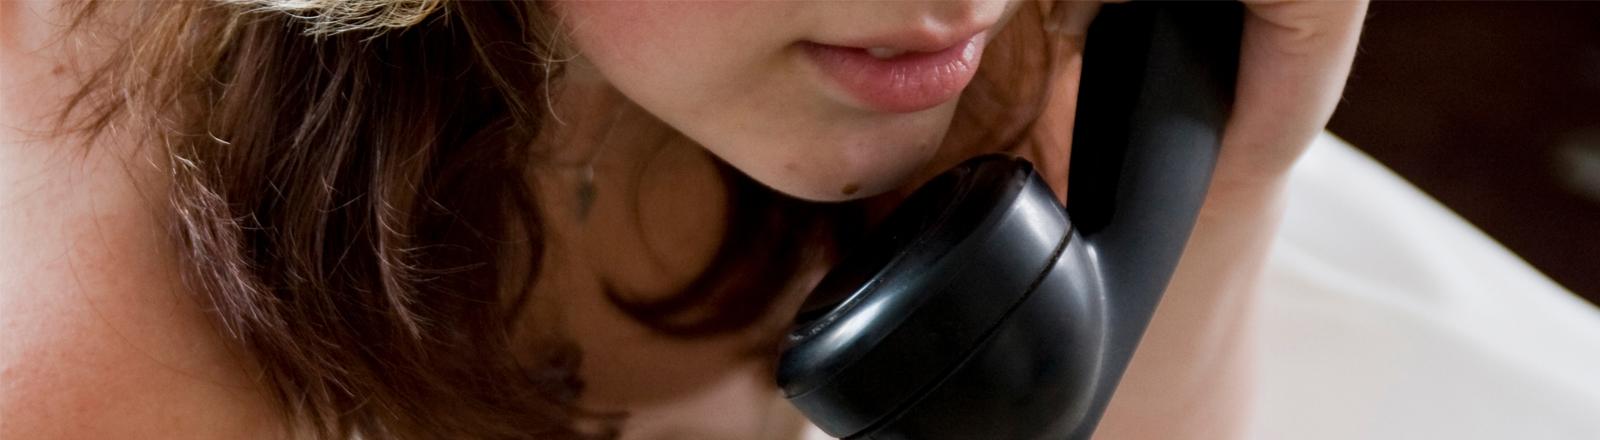 Eine Frau liegt im Bett und telefoniert mit einem alten Telefon.